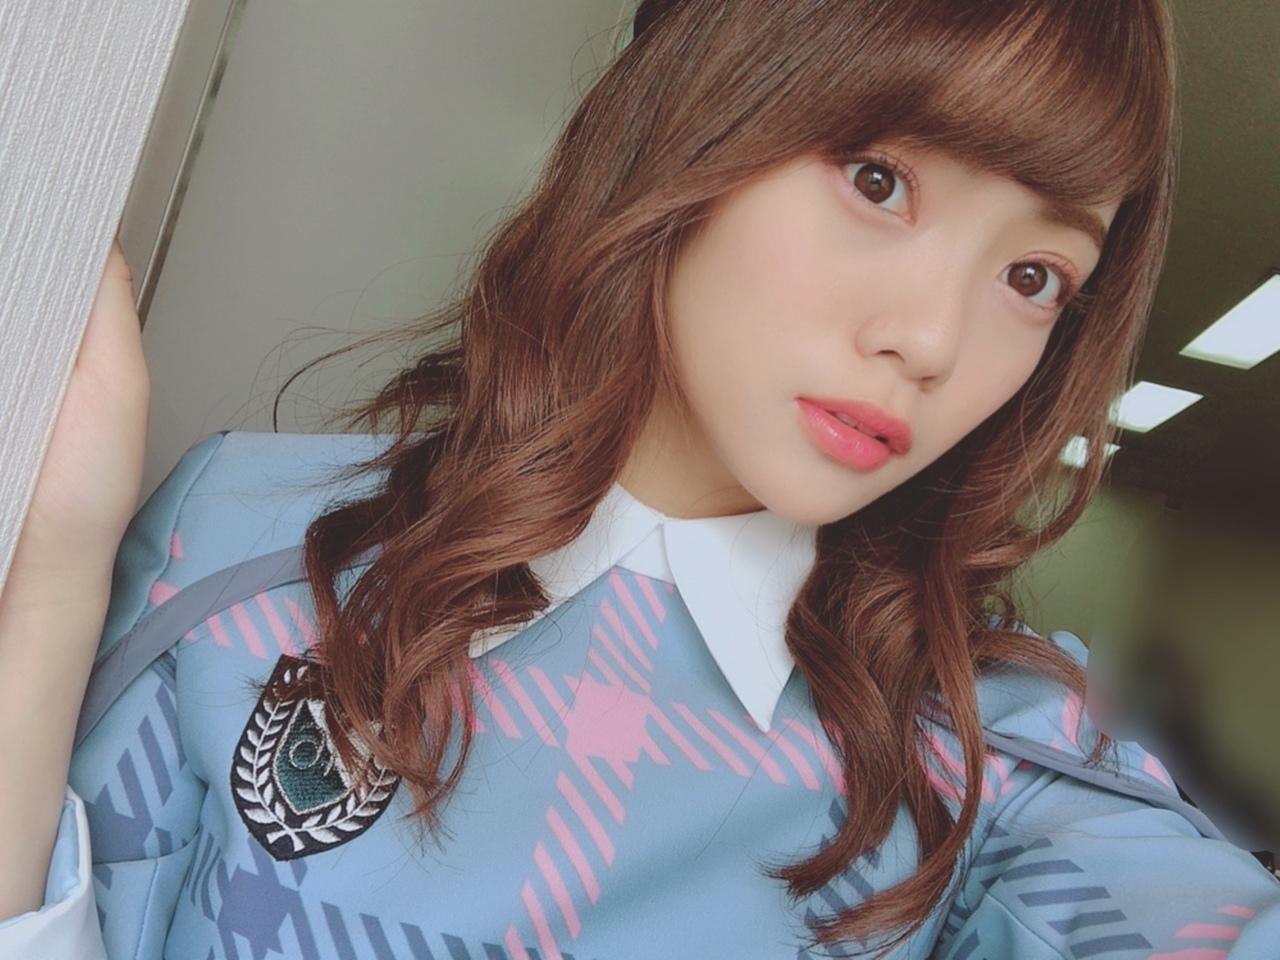 日向坂46メンバーブログまとめ2019年2月28日